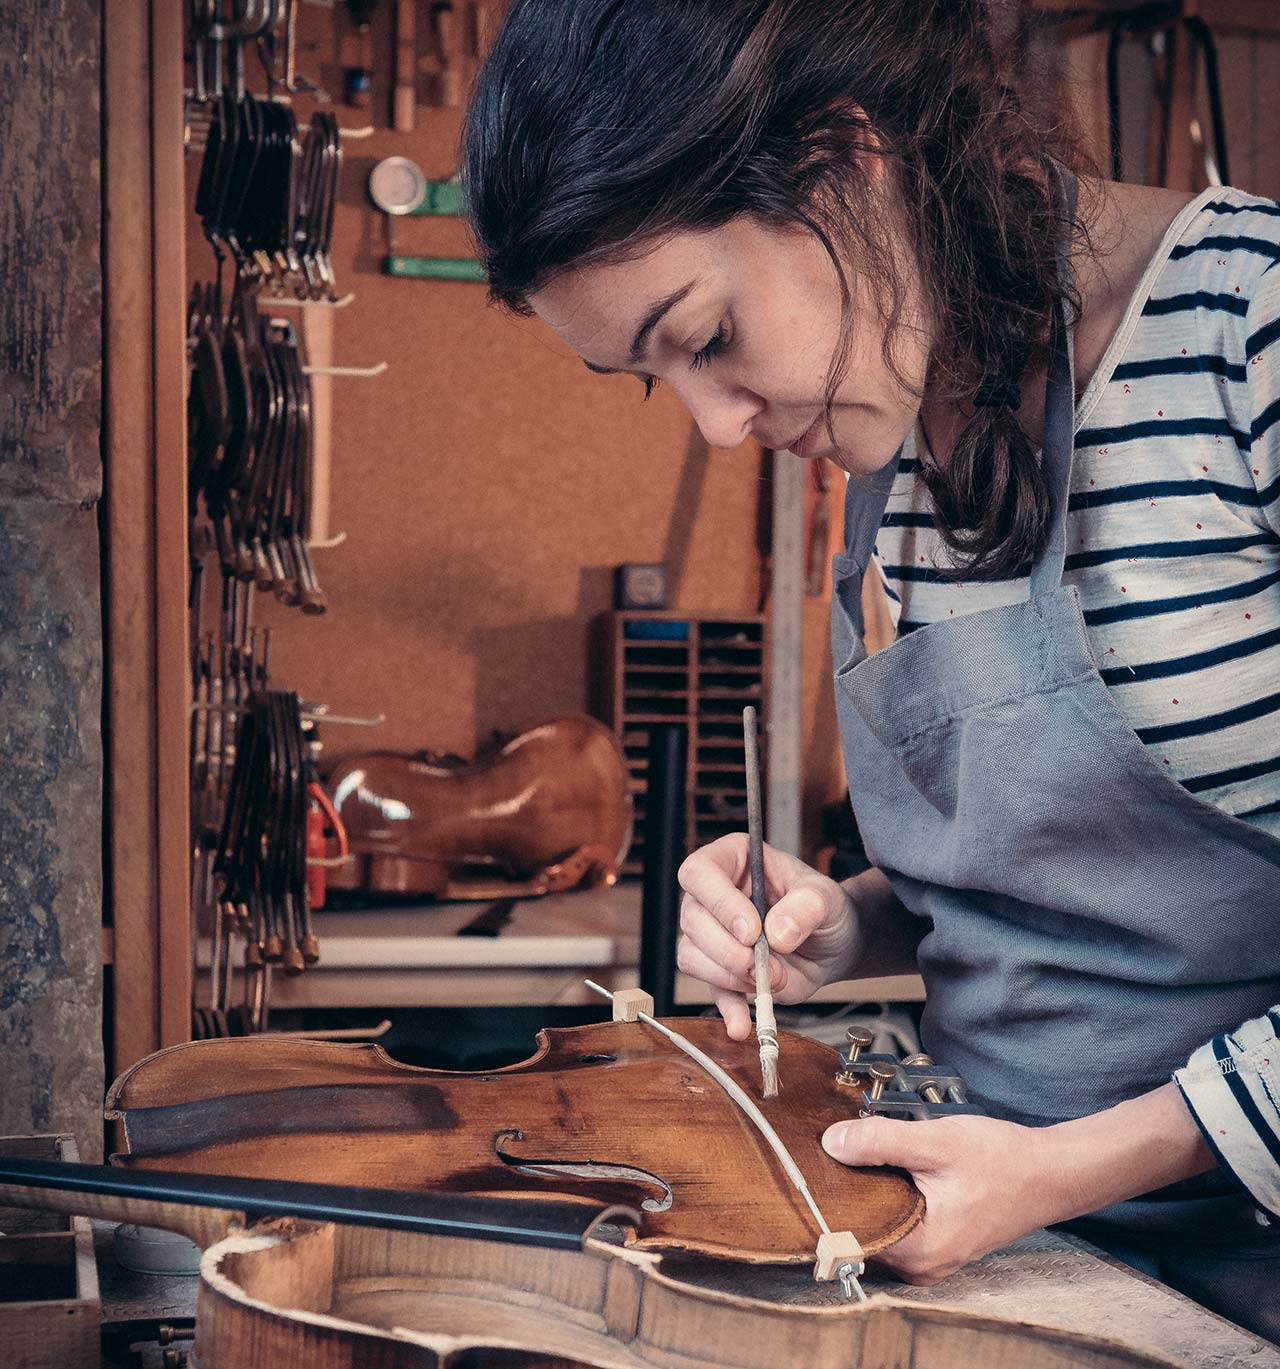 restauration violon instrument musique la roche sur foron 3 - Restauration - Luthier à la Roche Sur Foron